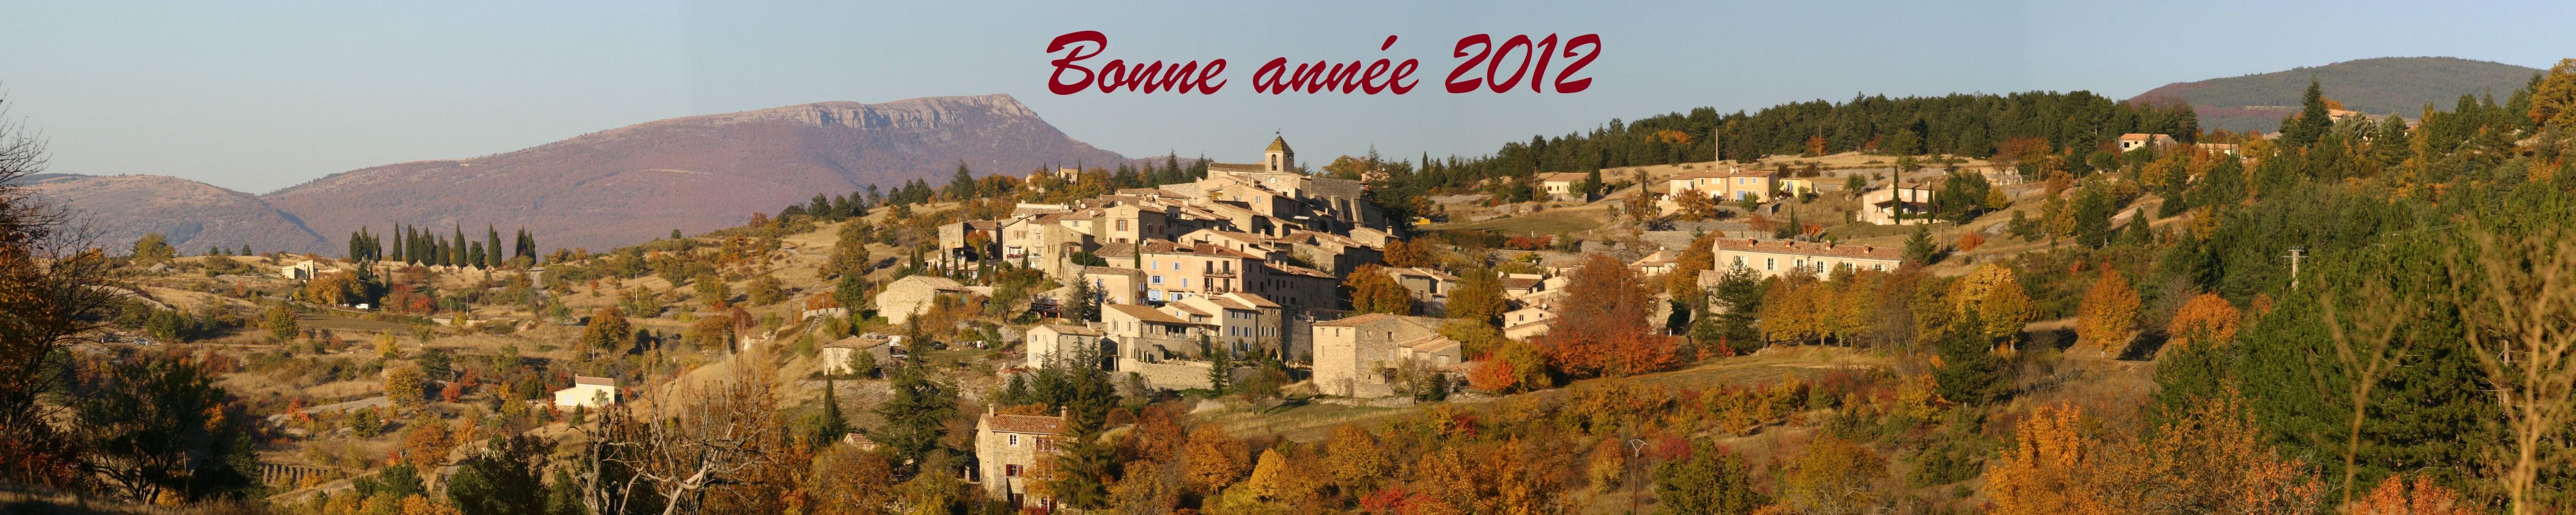 Bonne année aurel